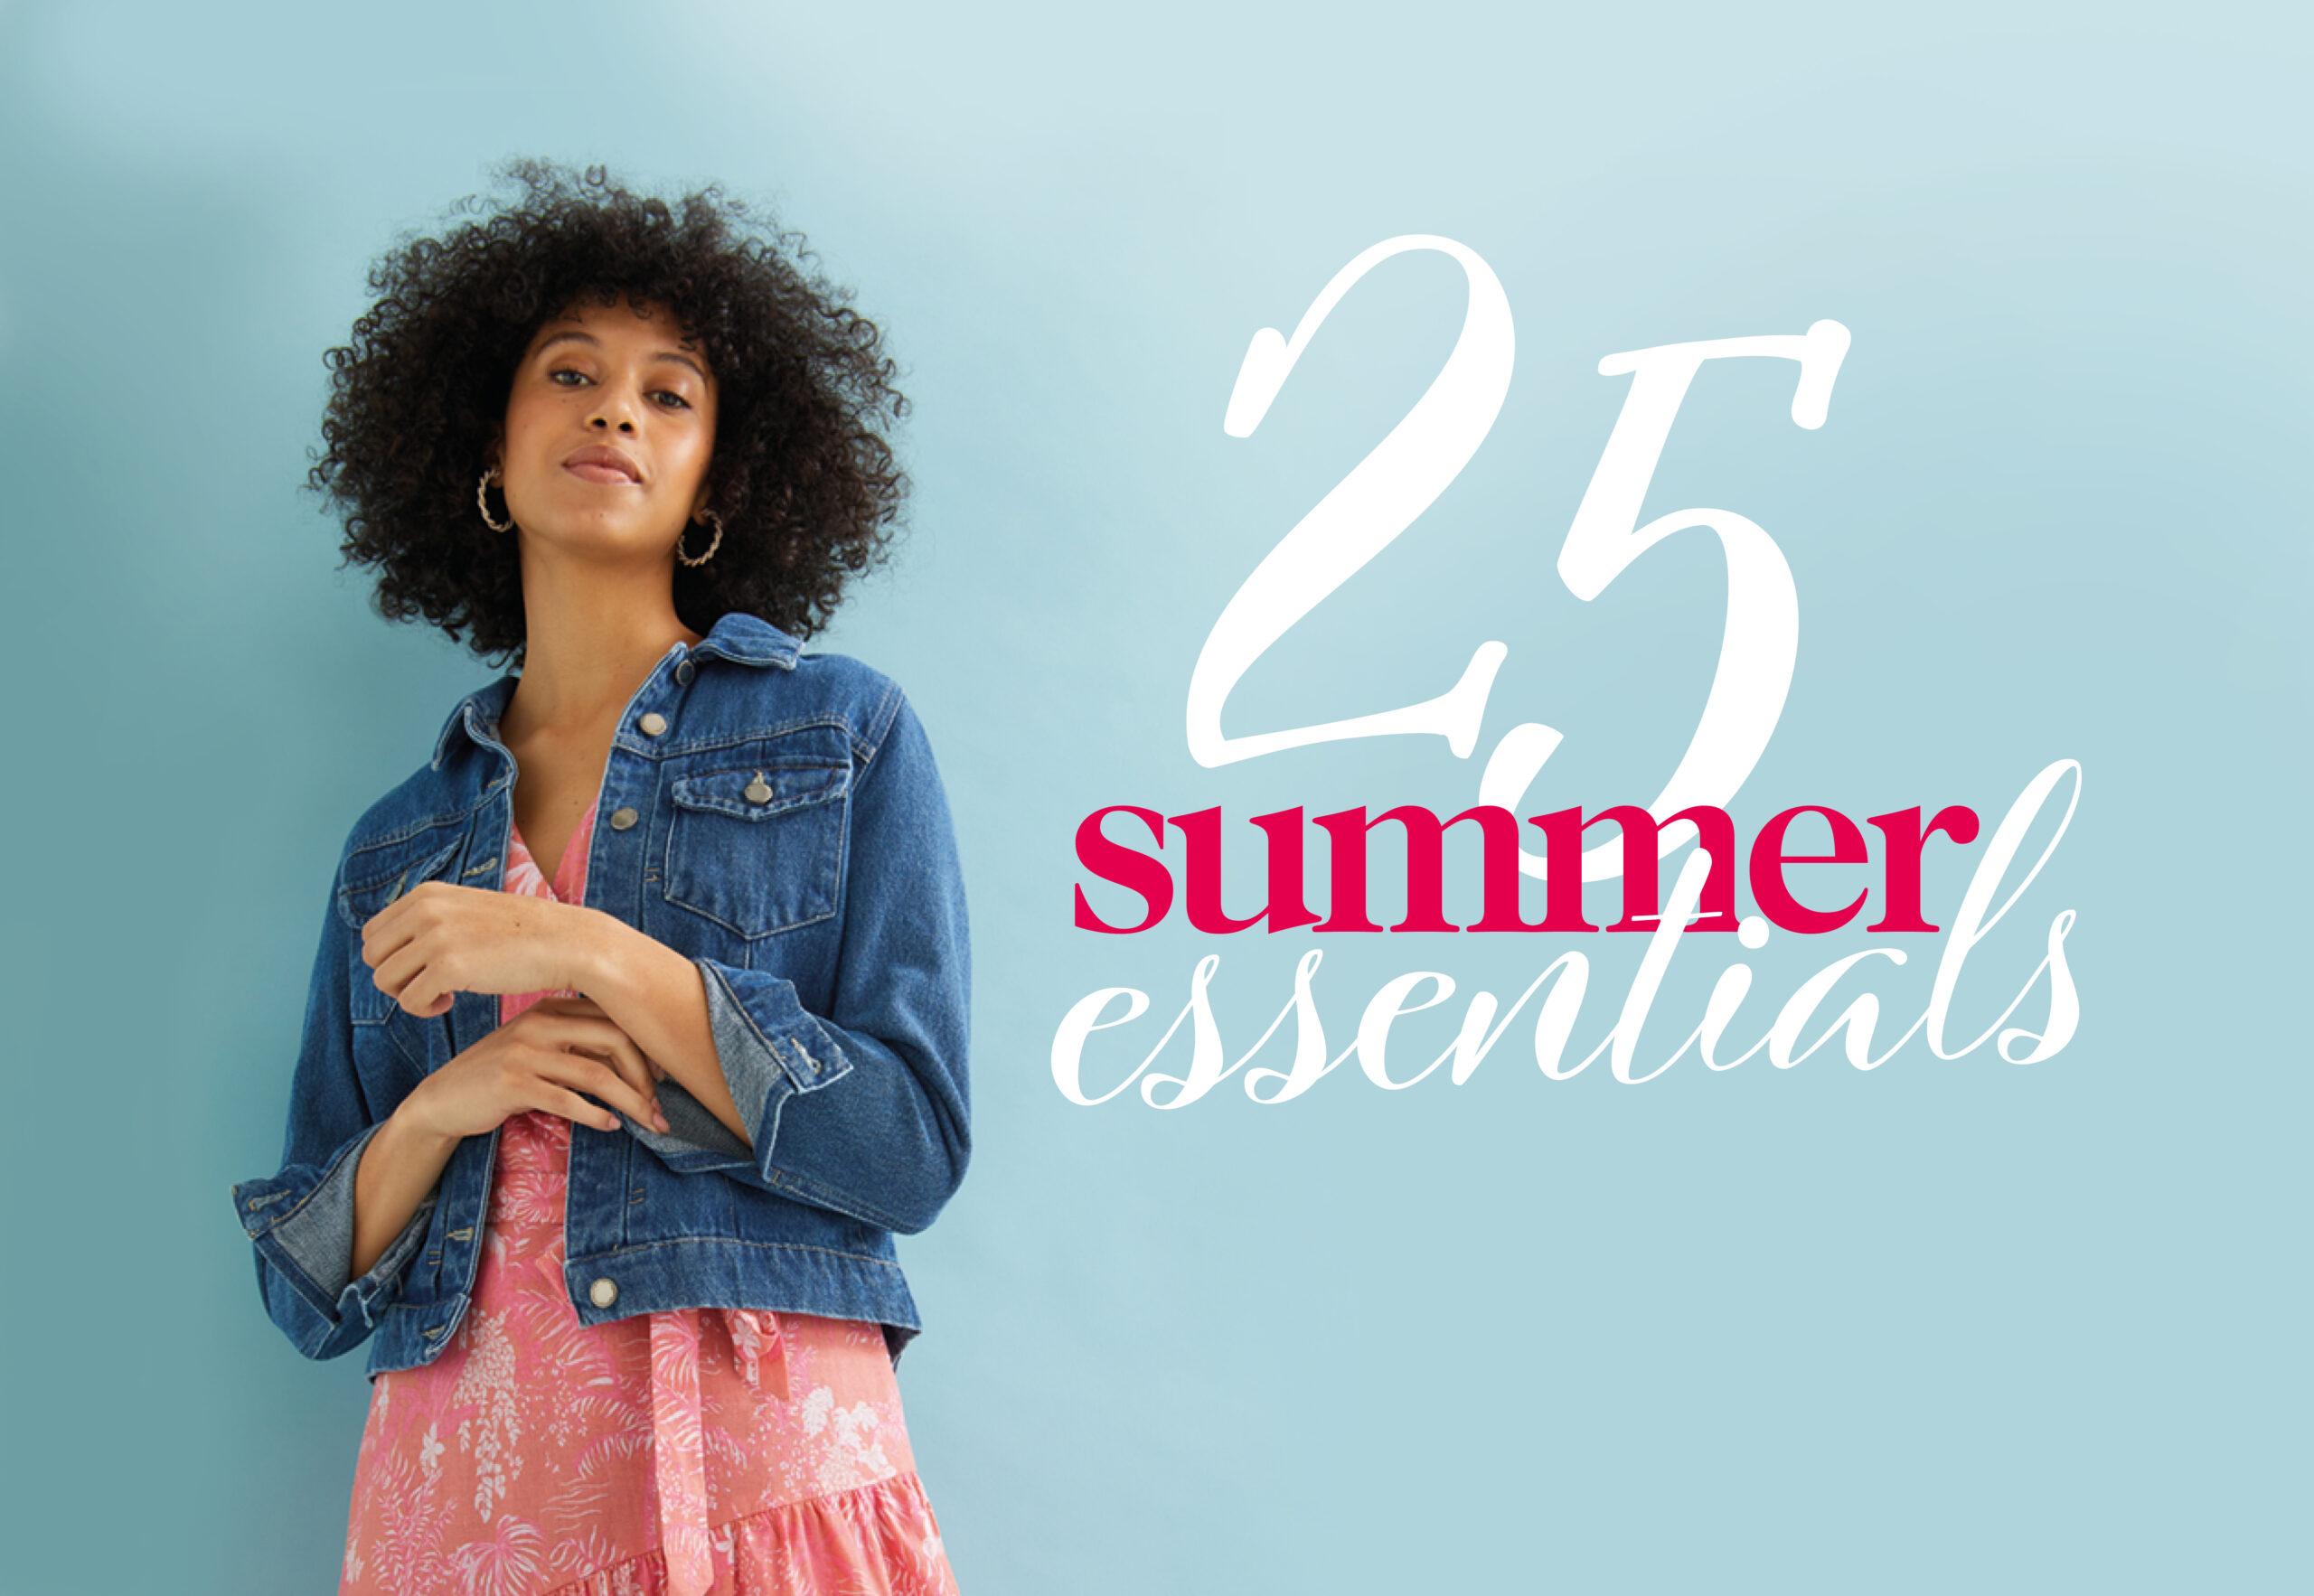 127 summer essentials